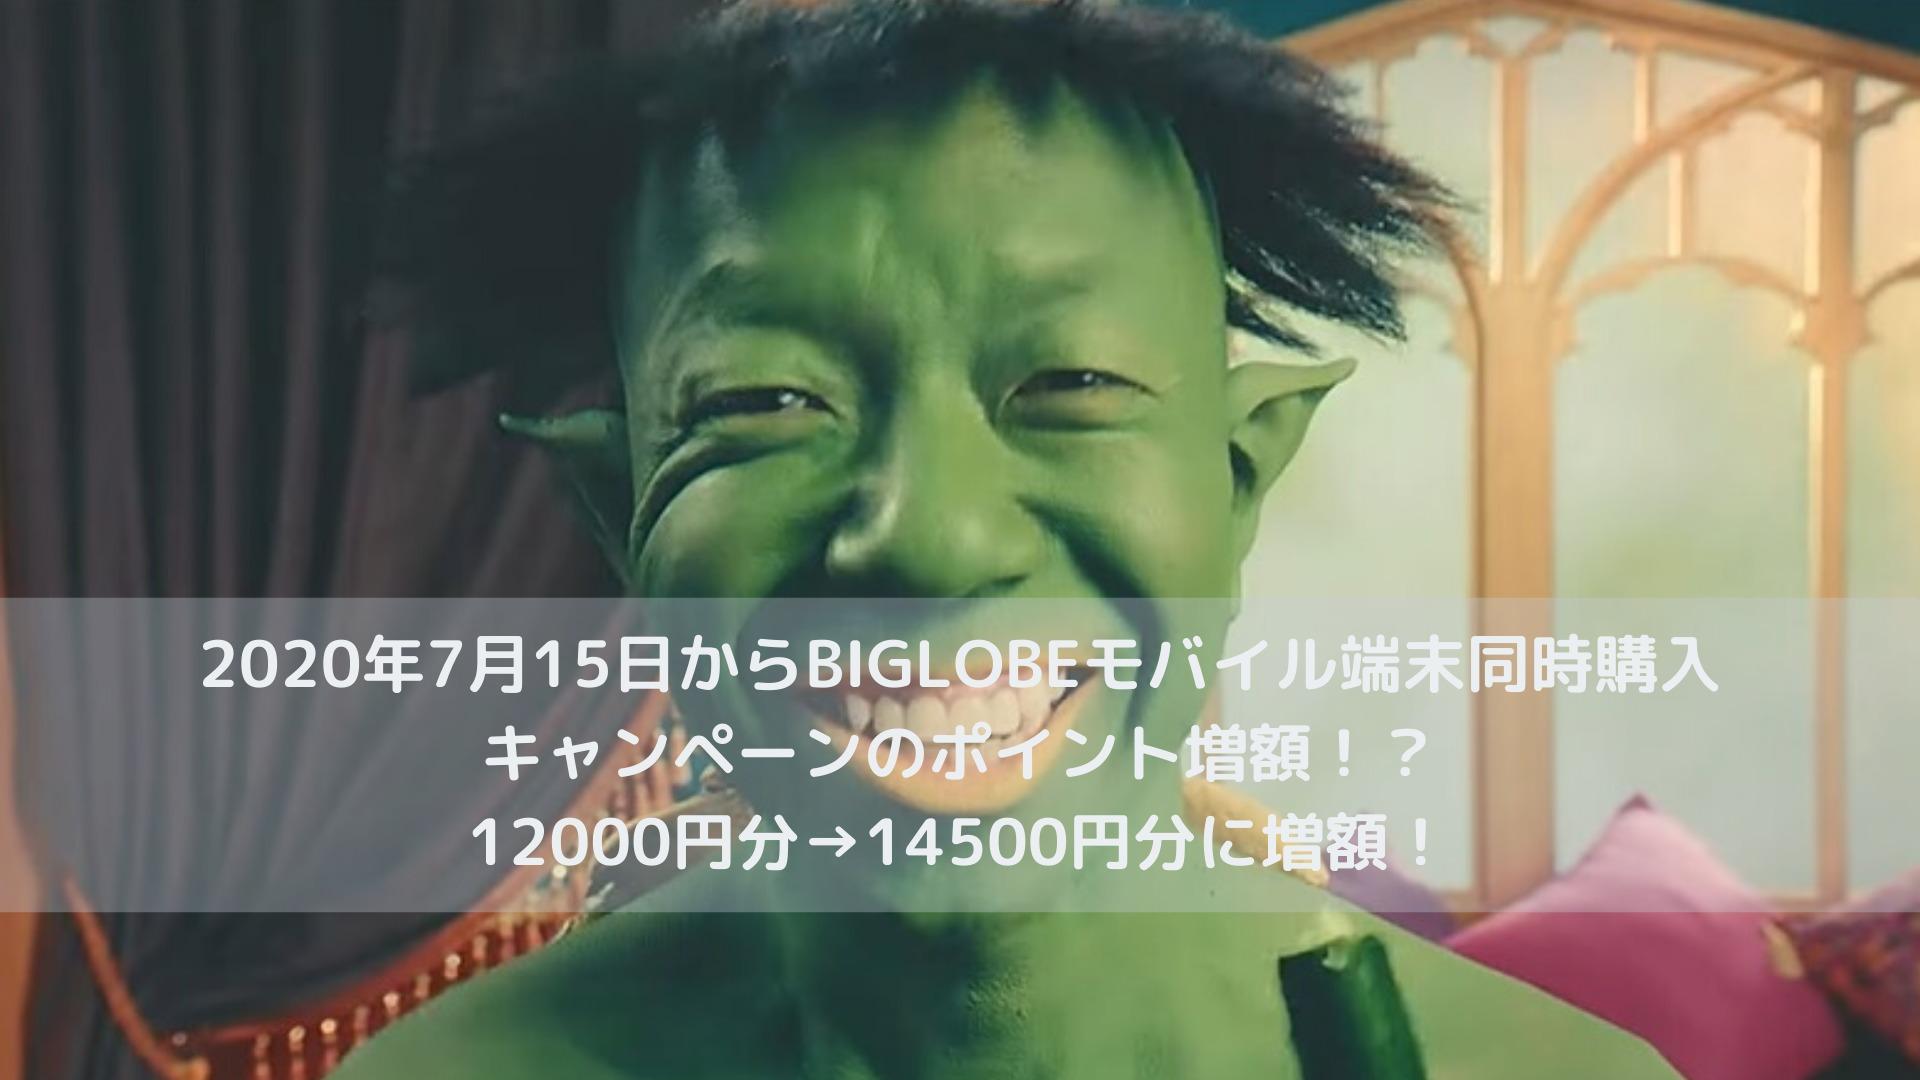 2020年7月15日BIGLOBEモバイル端末同時購入キャンペーンのポイント増額!?12000円分→14500円分に増額!